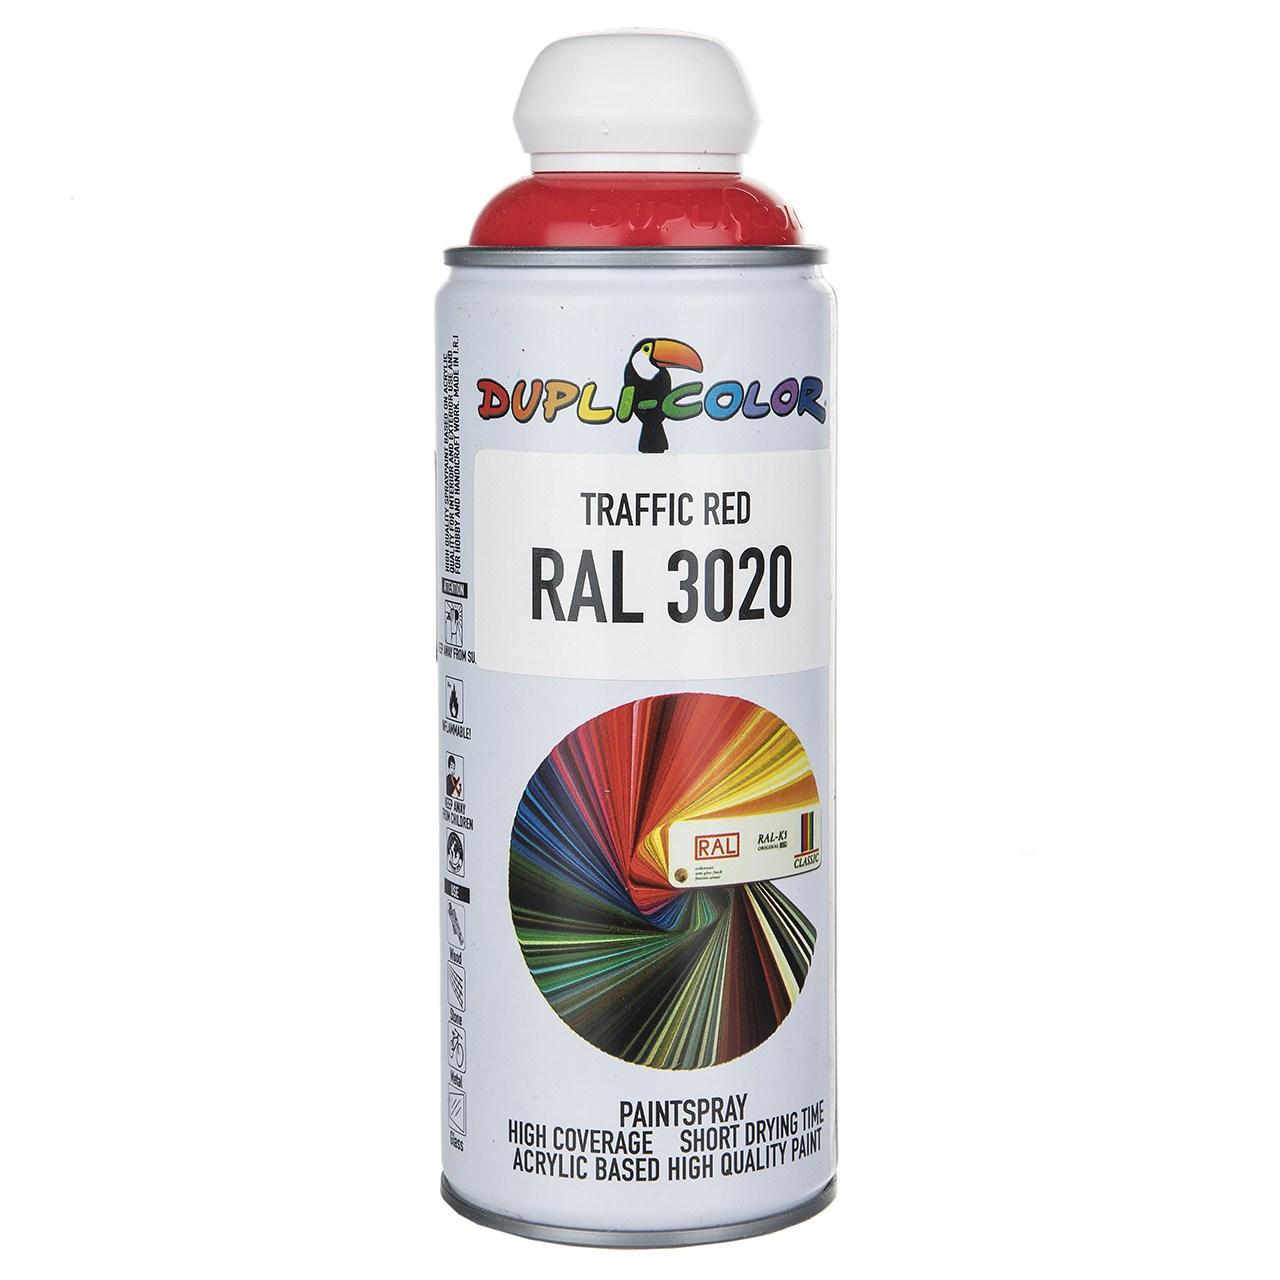 اسپری رنگ قرمز دوپلی کالر مدل RAL 3020 حجم ۴۰۰ میلی لیتر